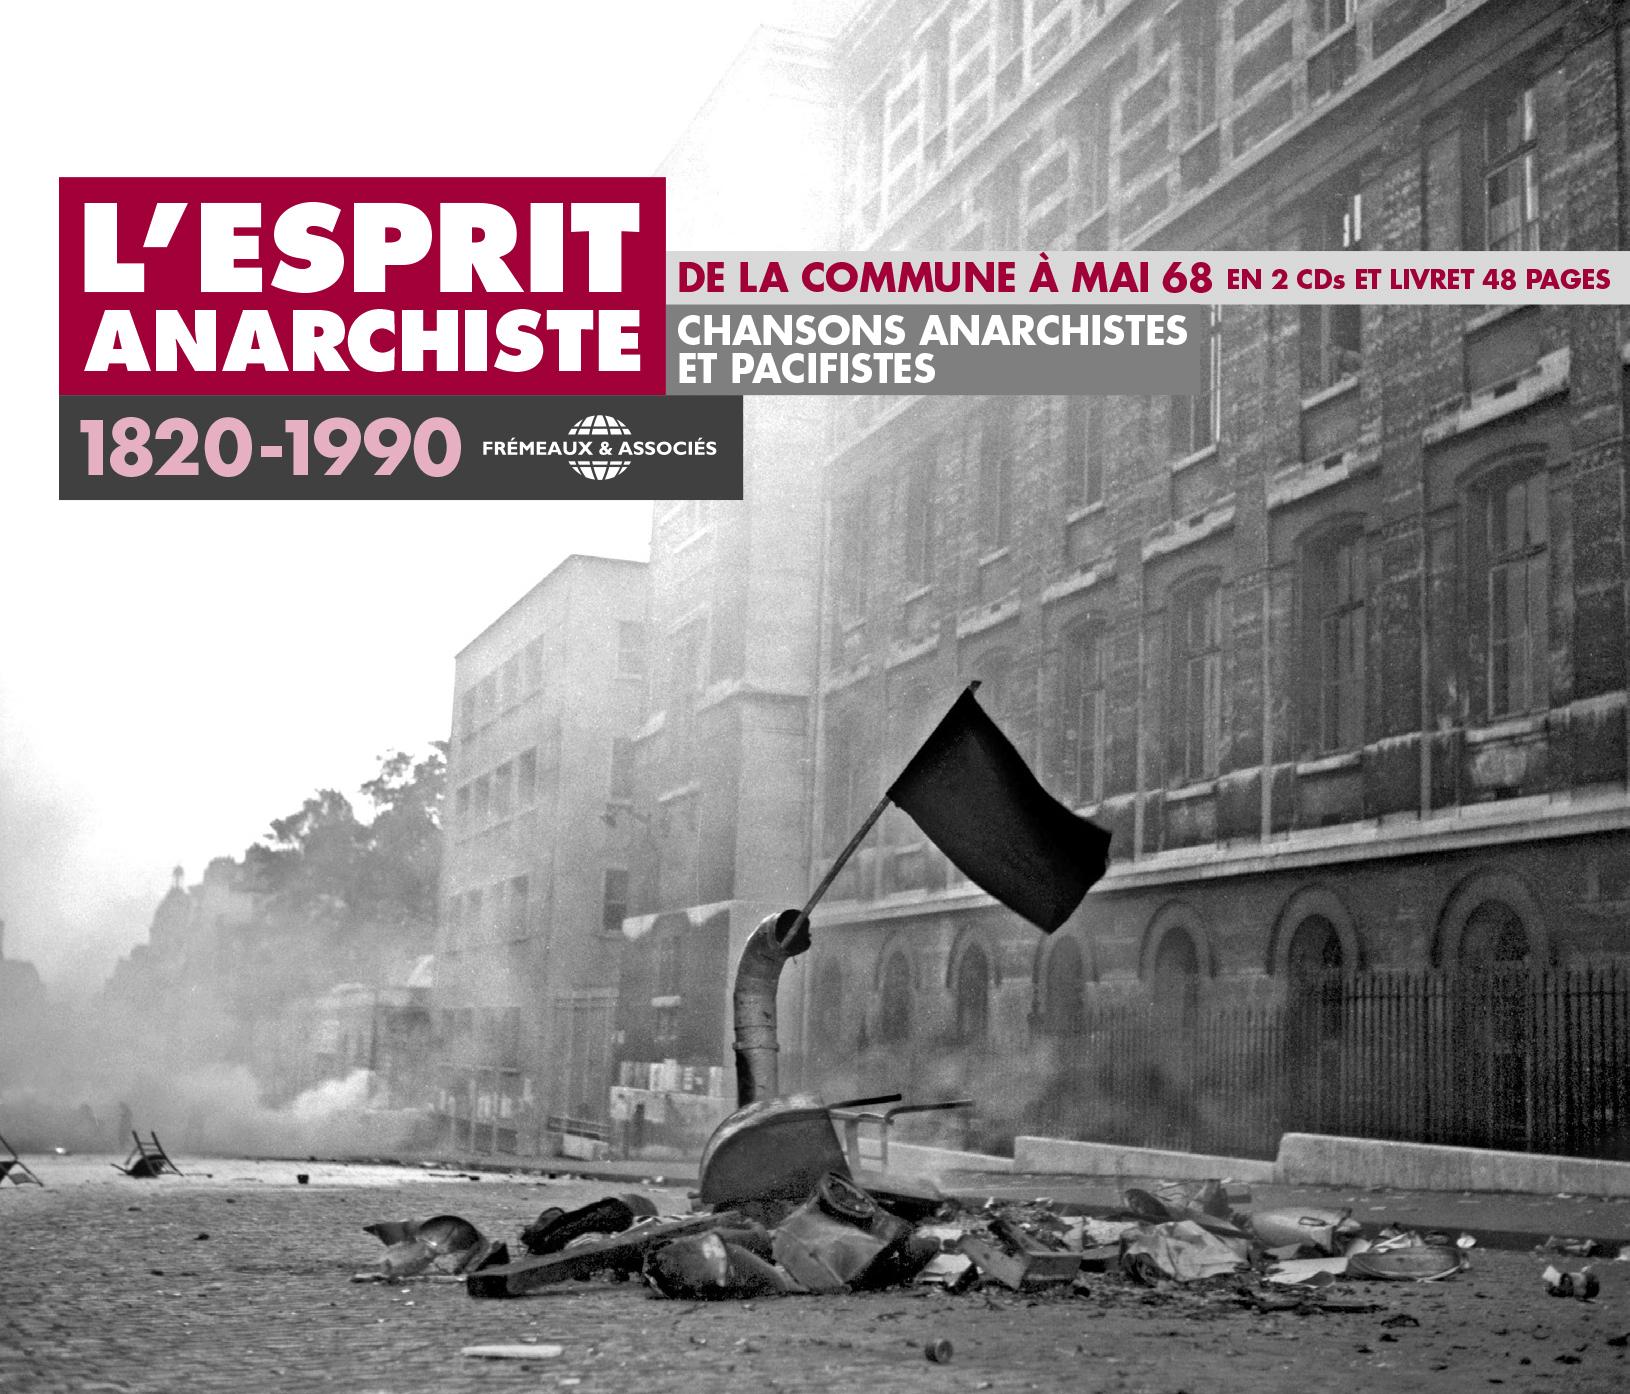 L ESPRIT ANARCHISTE DE LA COMMUNE A MAI 68 - CHANSONS ANARCHISTES ET PACIFISTES 1820-1990